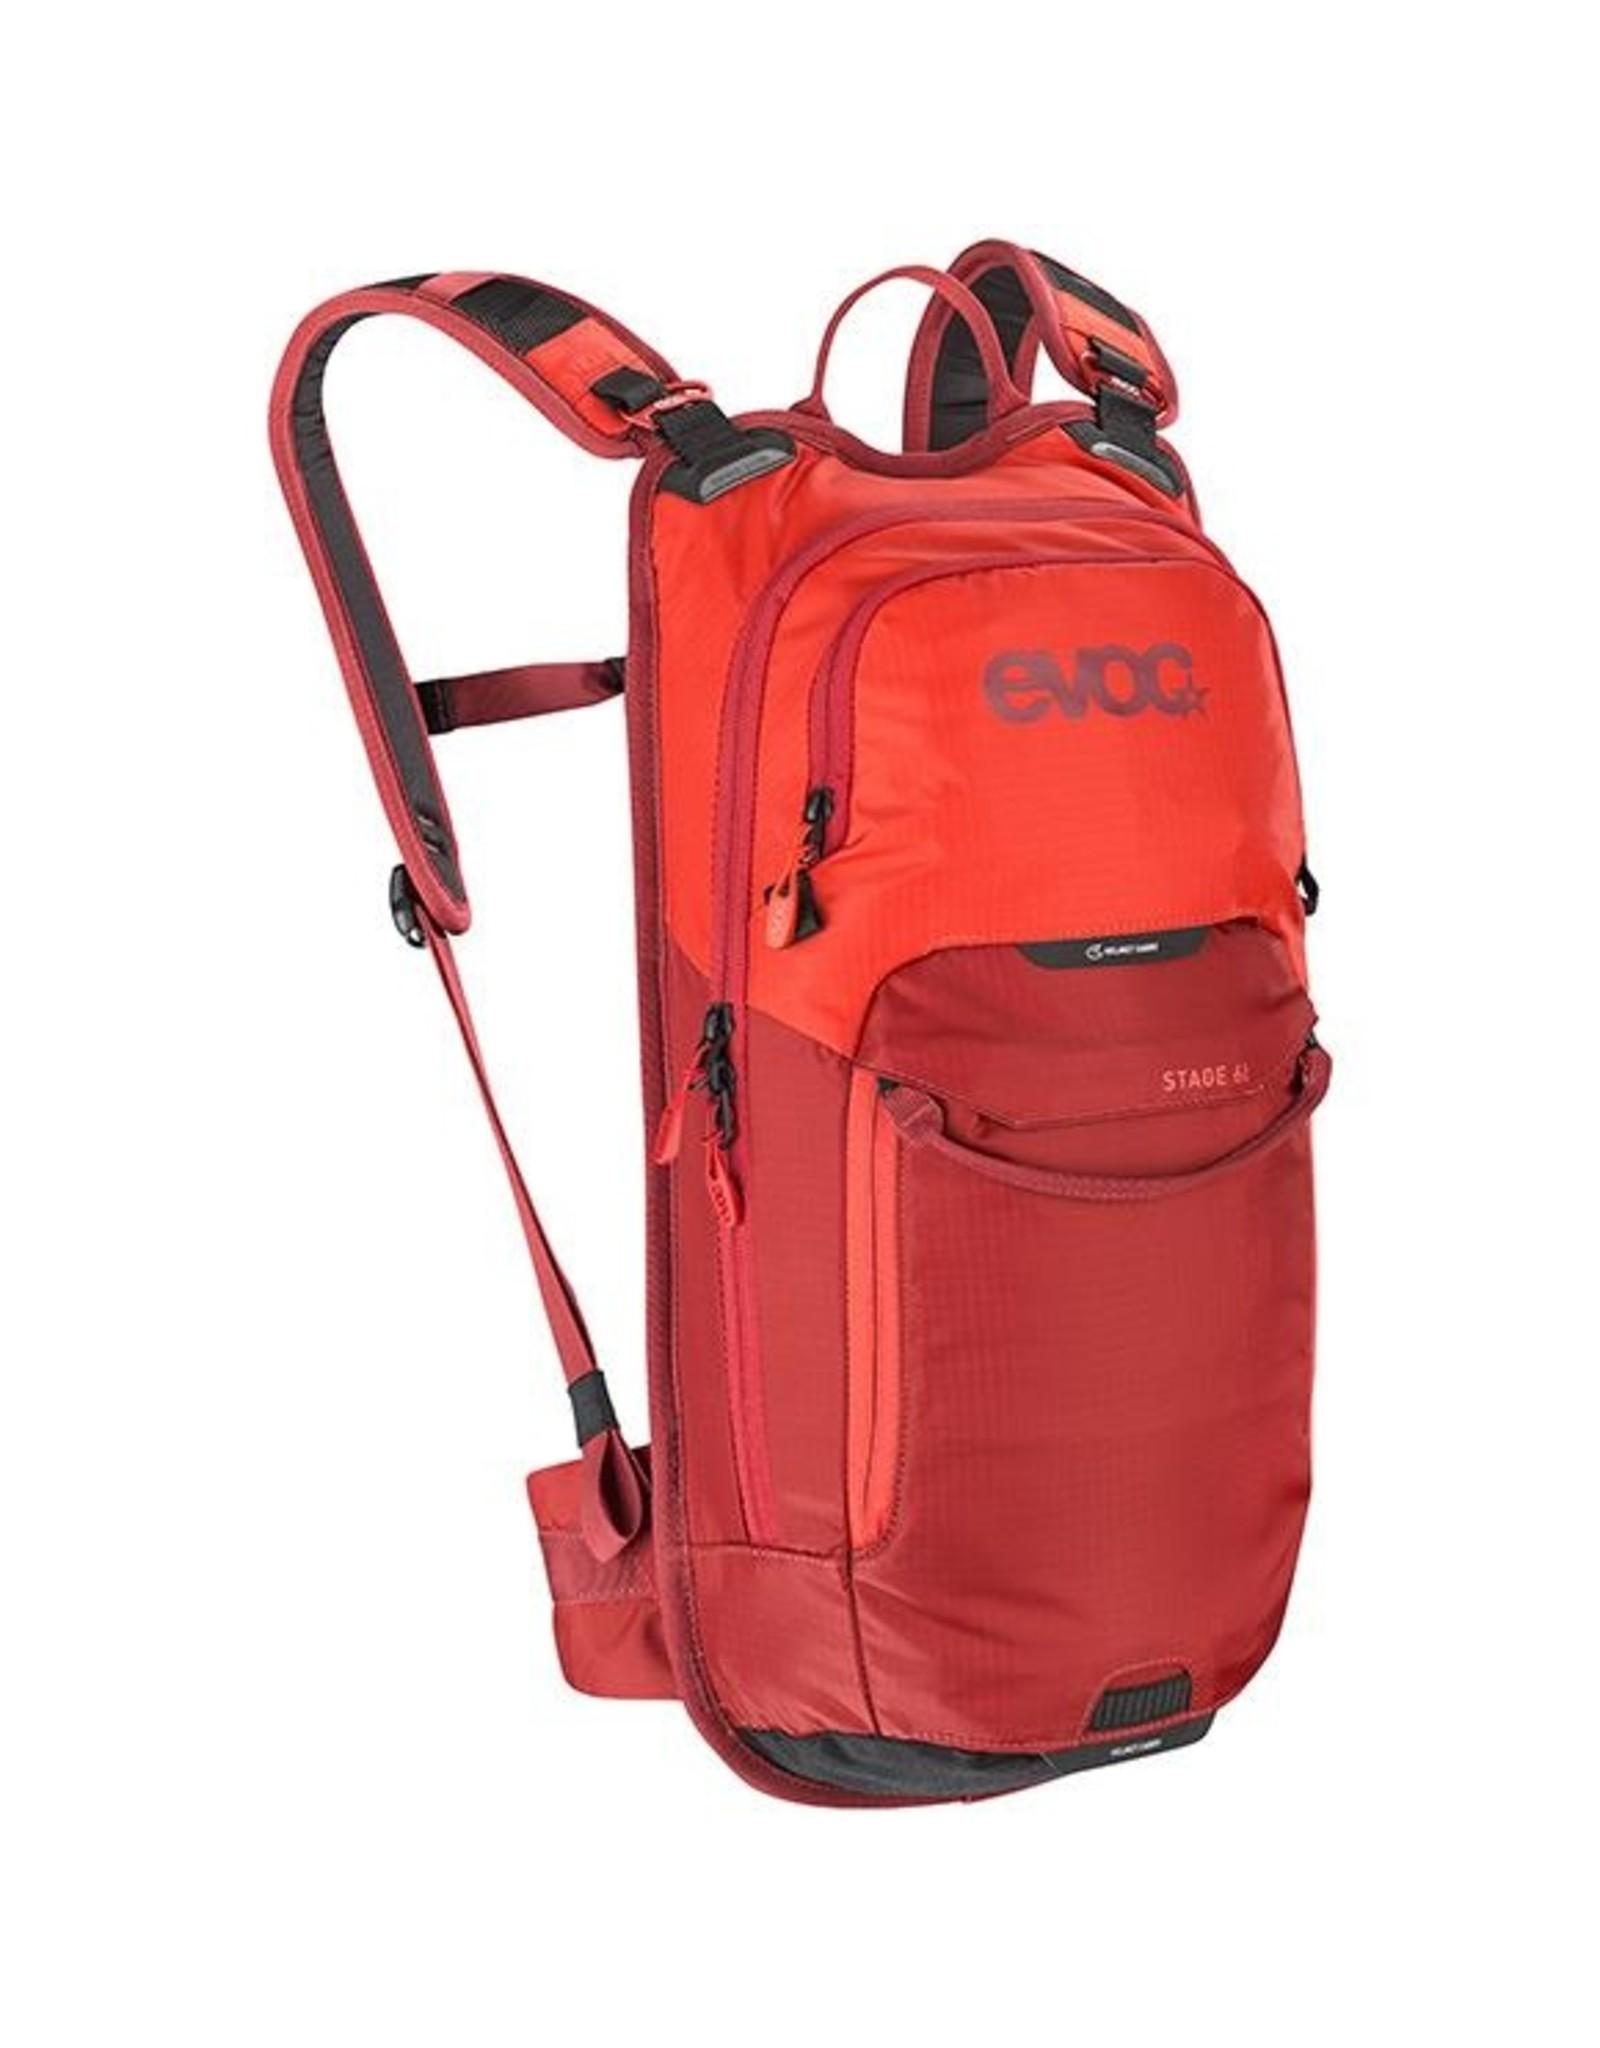 evoc EVOC, Stage 6 + 2L Bladder, Hydration Bag, Volume: 6L, Bladder: Included (2L), Orange/Chili Red